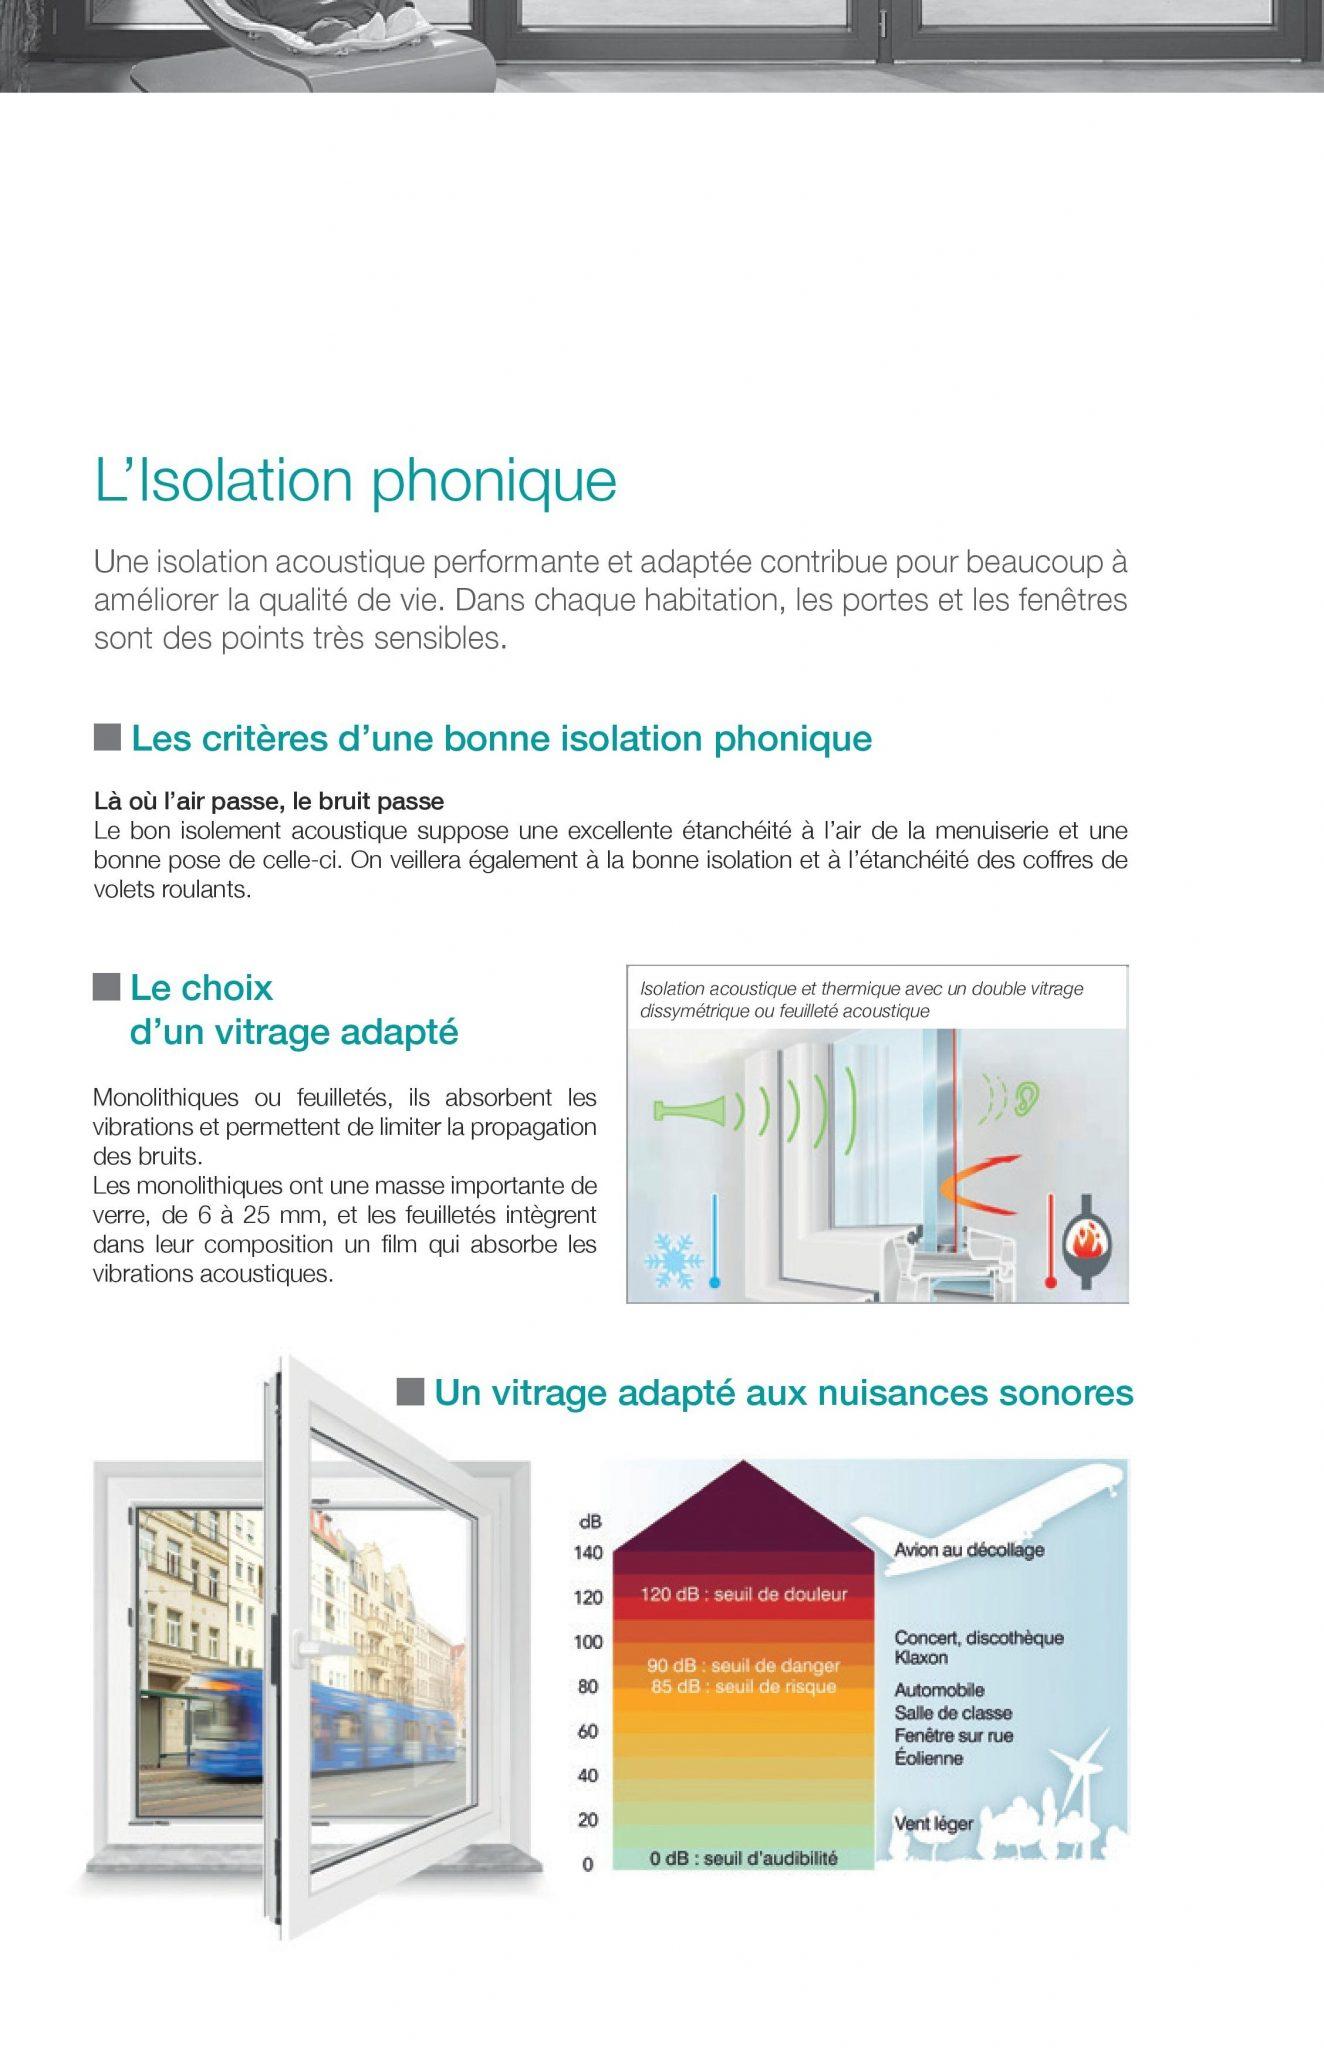 l'isolation phonique